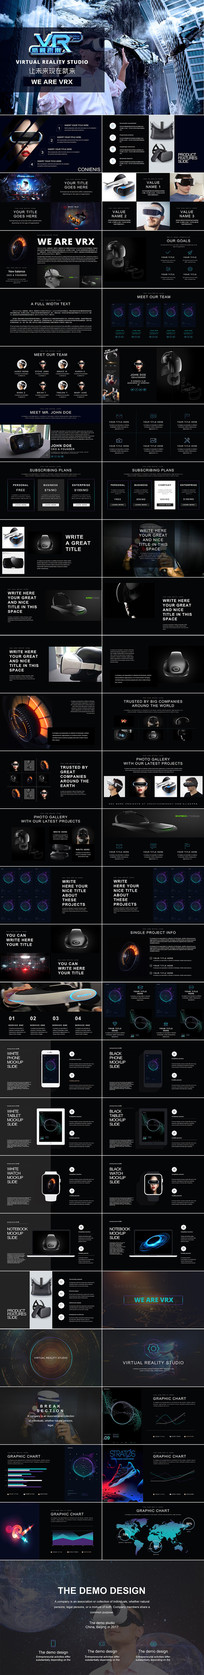 时尚炫酷VR虚拟现实电子商务互联网活动策划PPT模版